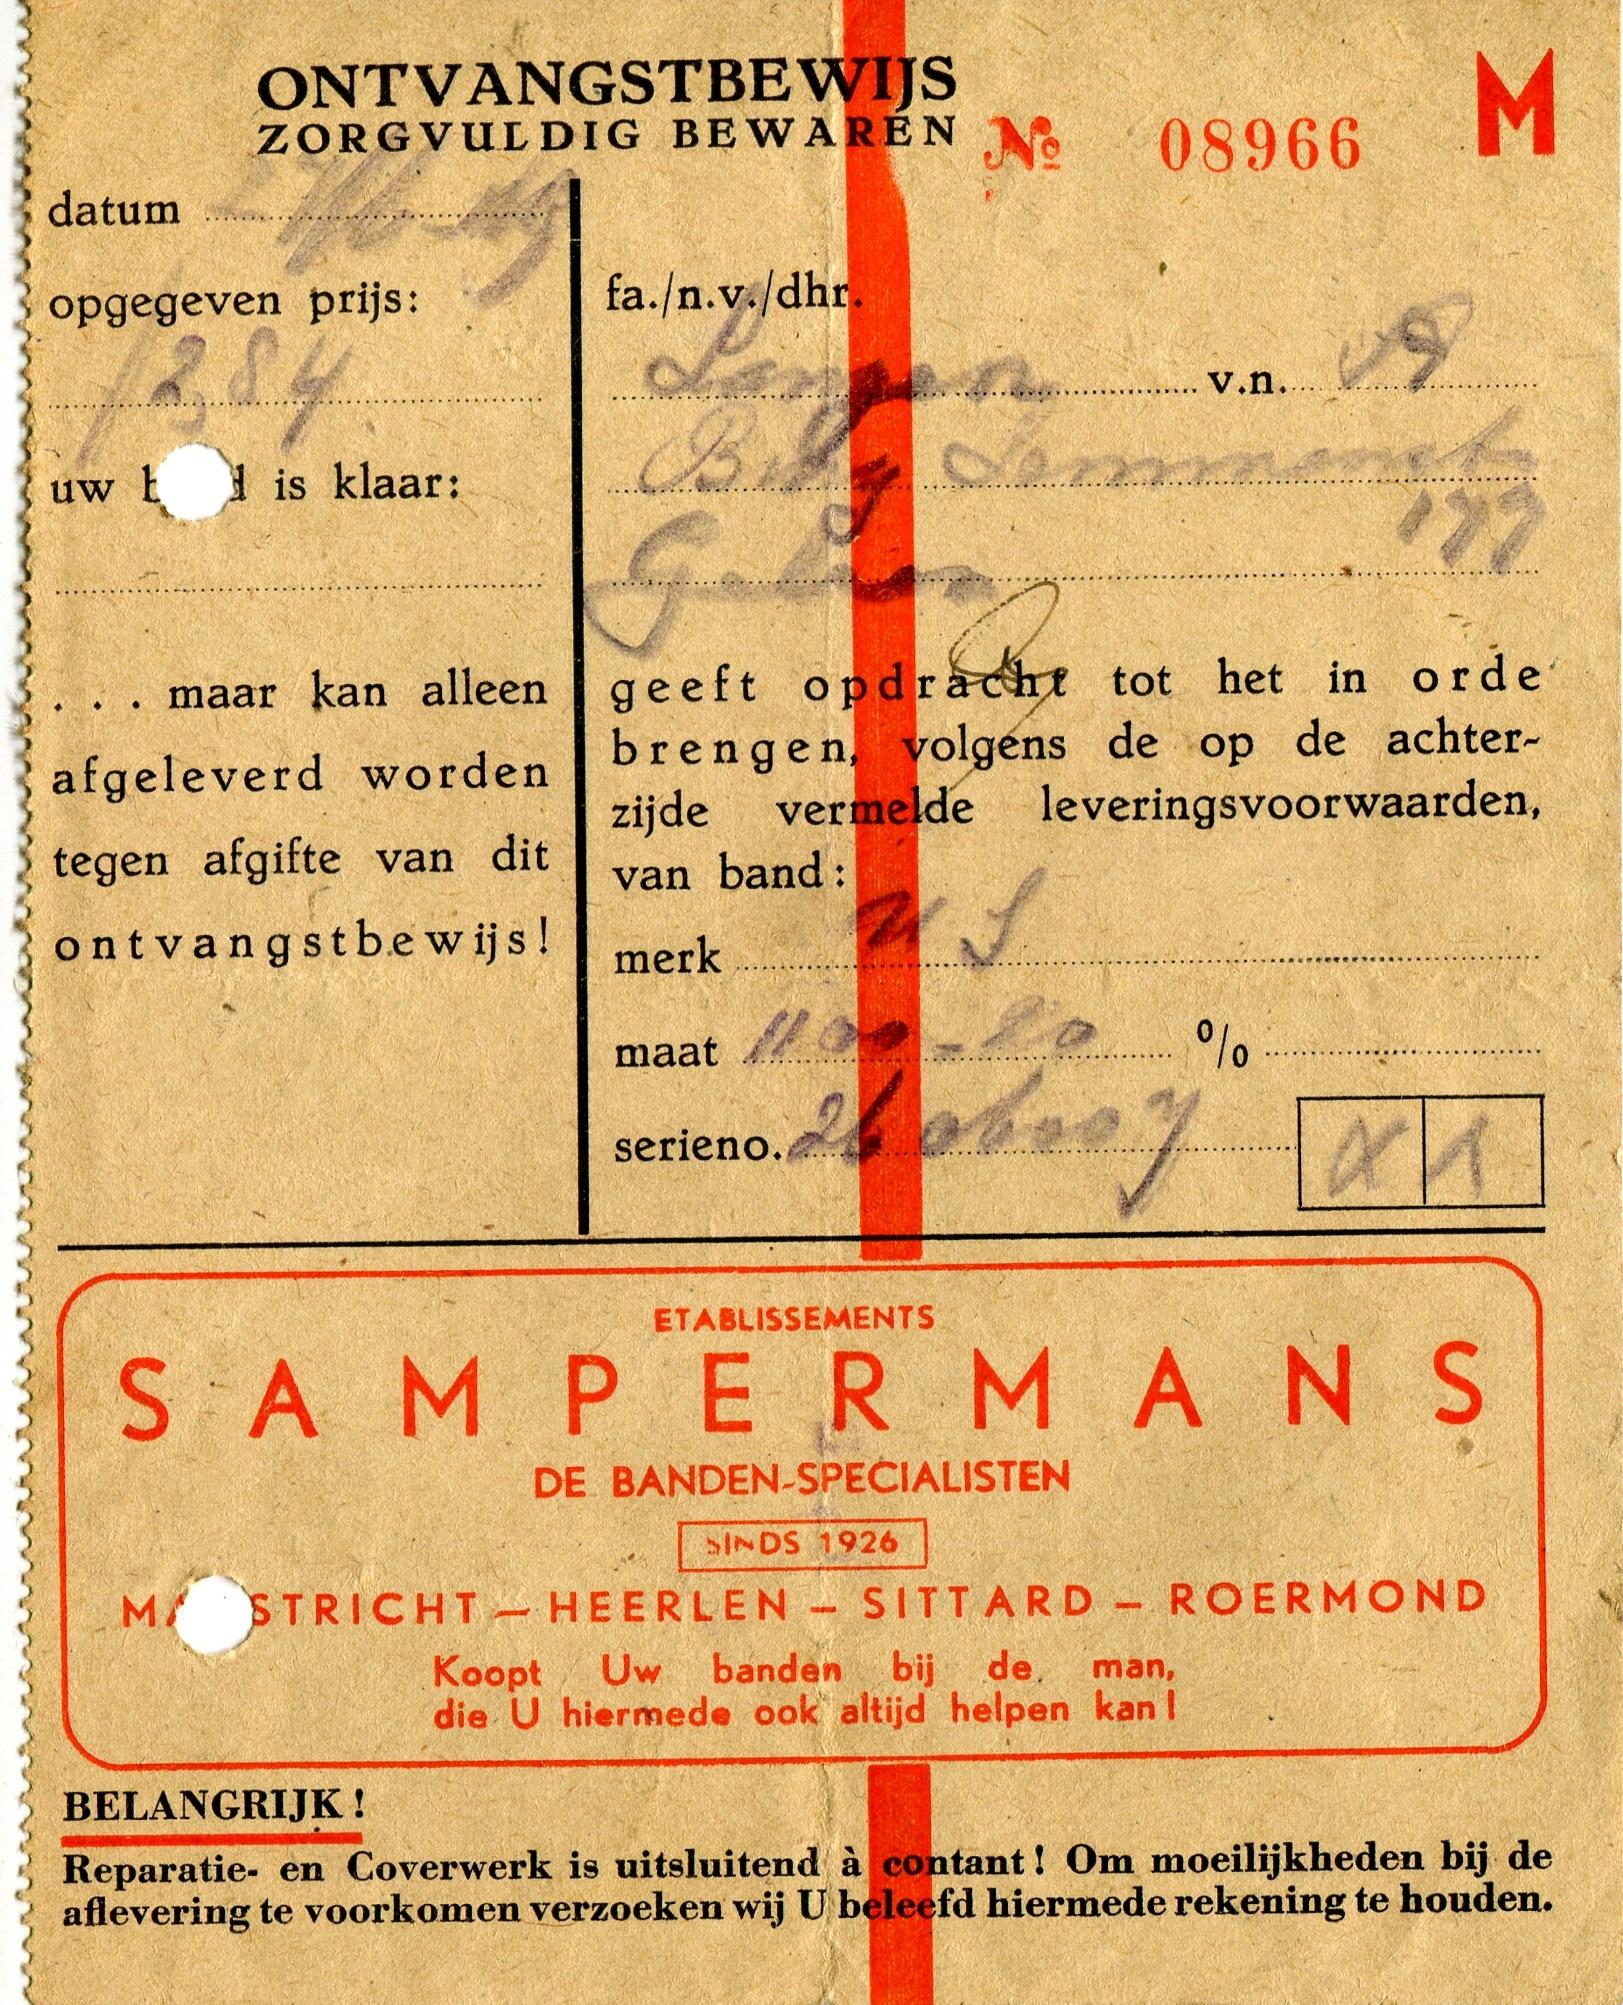 1950-Sampermans-banden